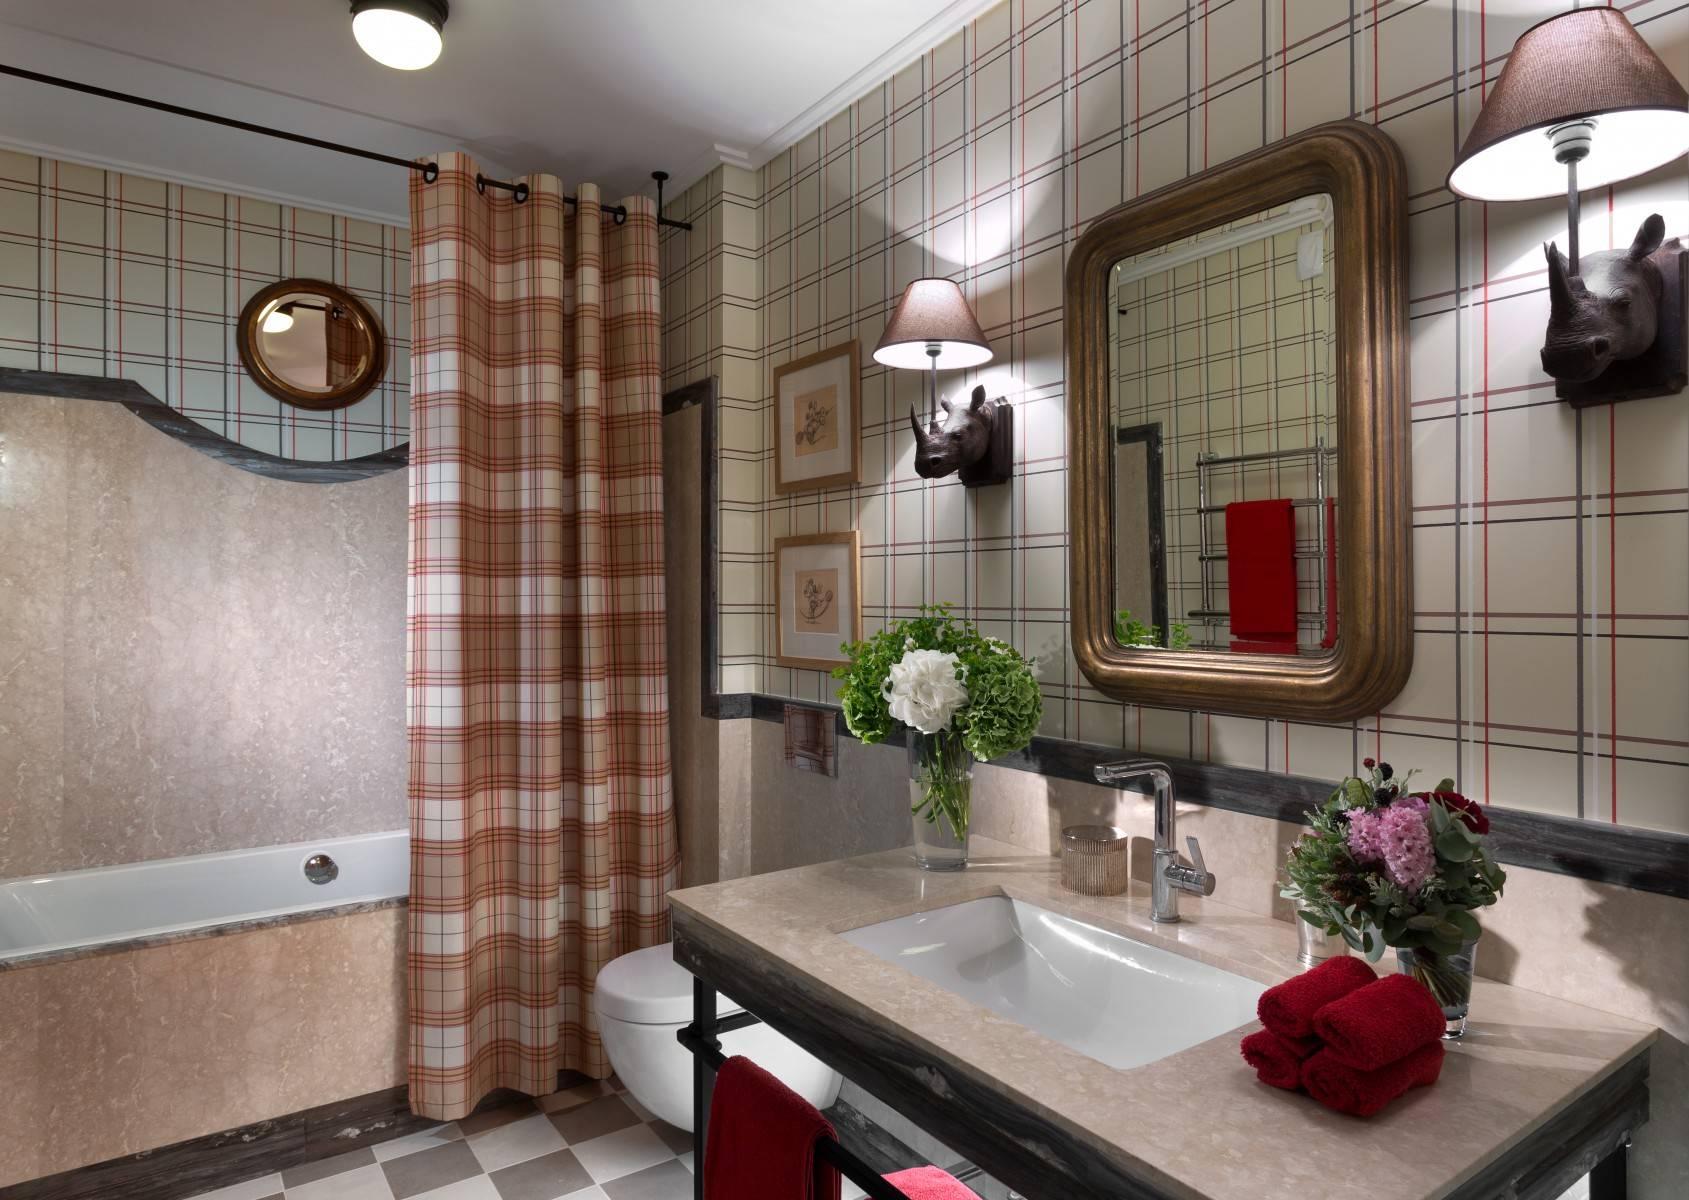 Плитка пэчворк в ванной: 50+ фото плитки в стиле пэчворк для ванной